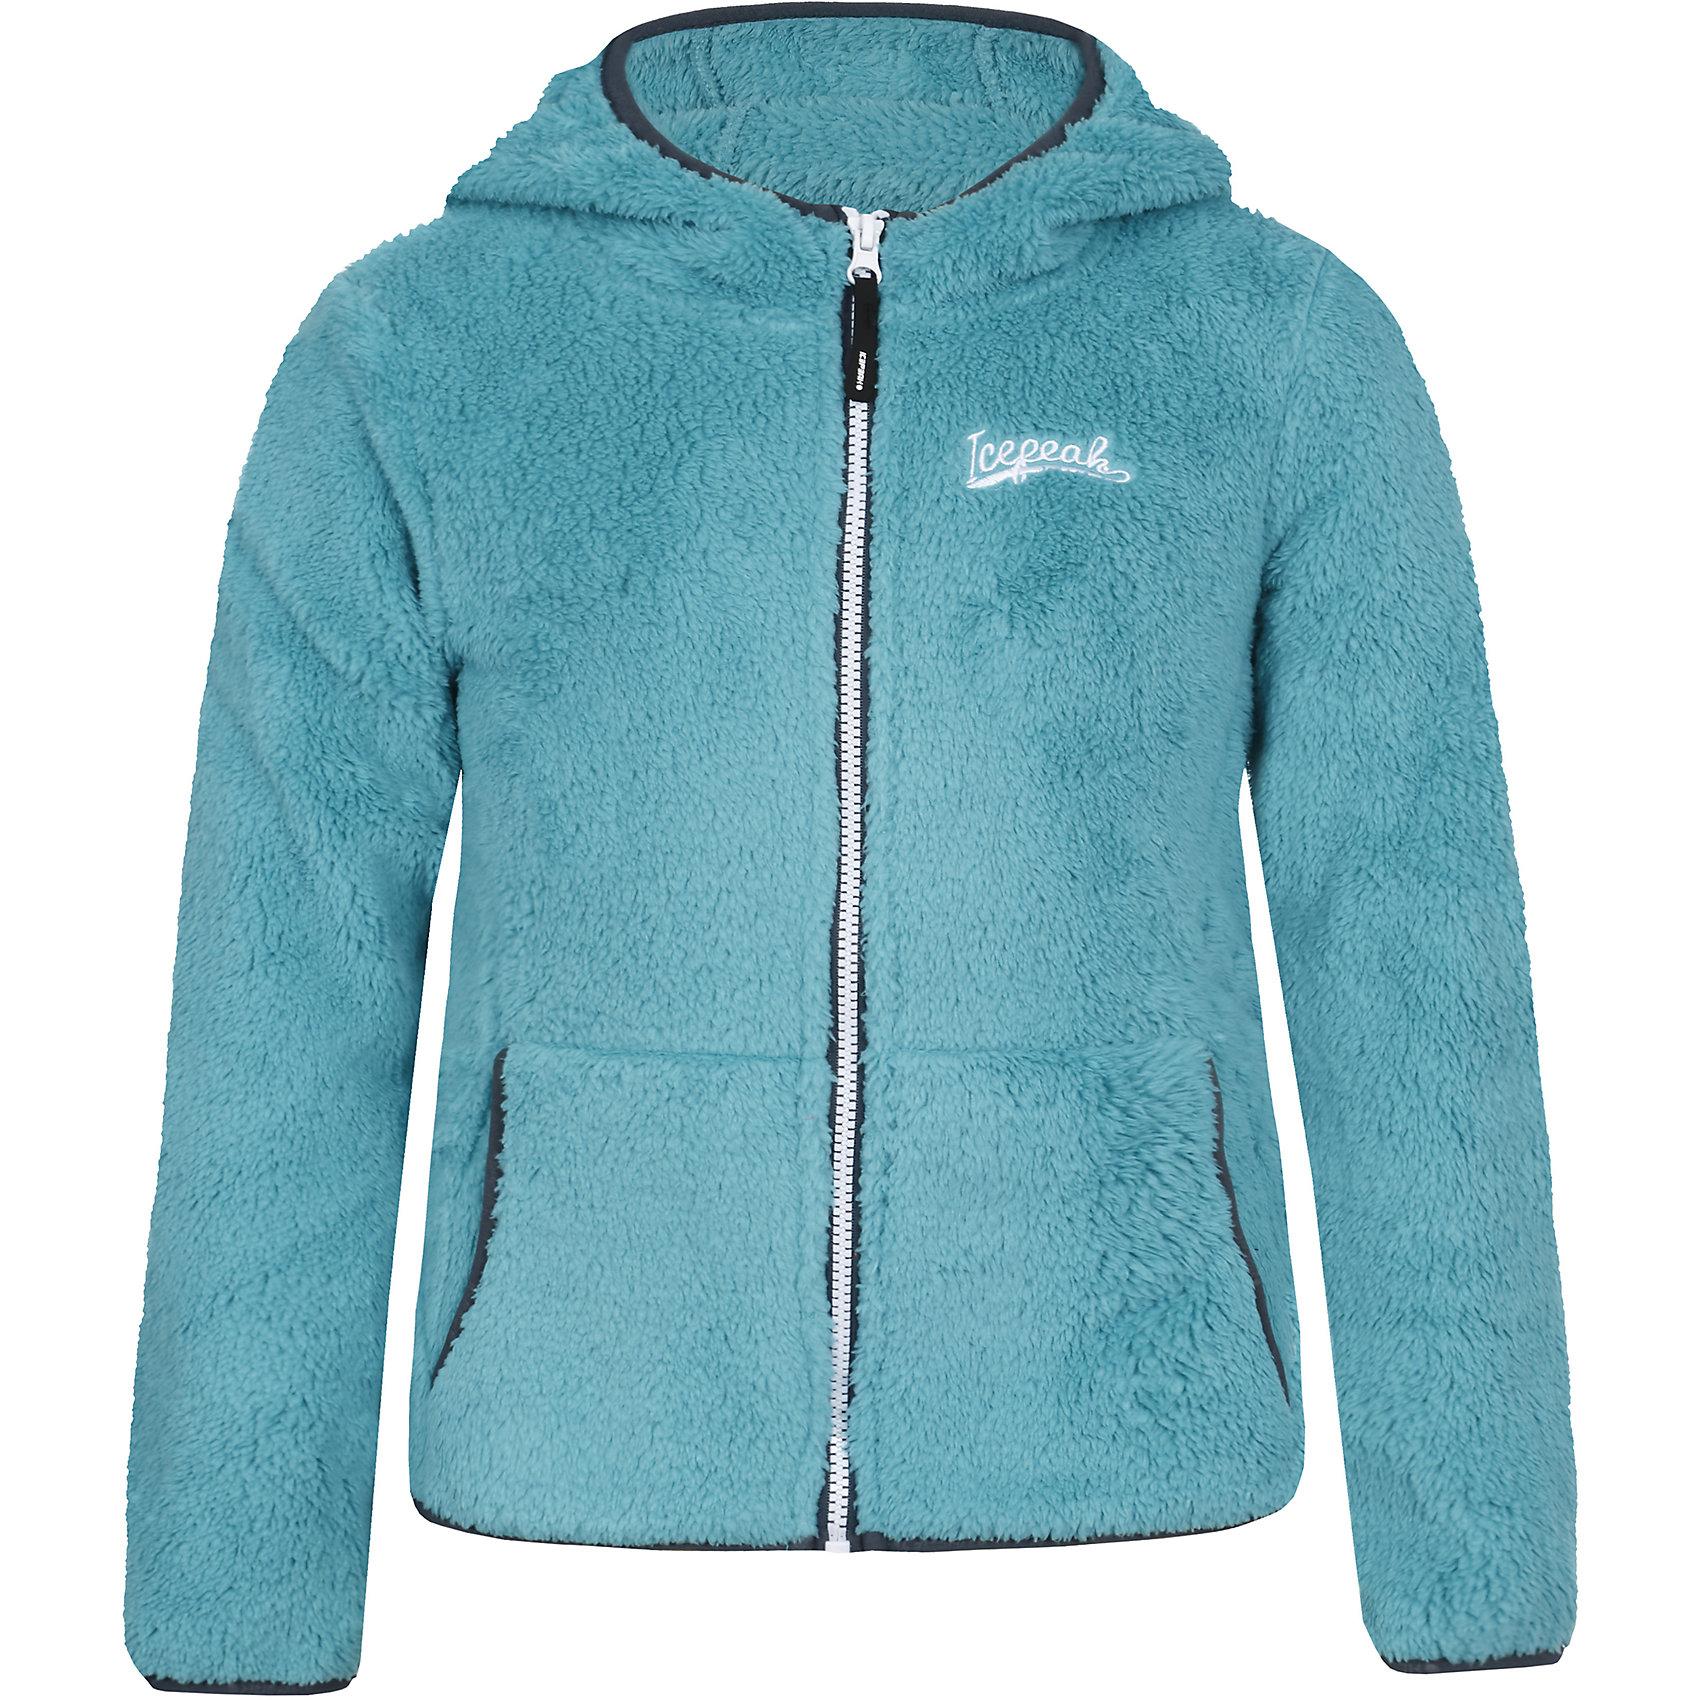 Толстовка для девочки ICEPEAKТолстовка для девочки ICEPEAK. <br><br>Состав: 100% полиэстер <br><br>Толстовка с капюшоном на молнии, трикотаж, эластичная резинка на рукаве и в нижней части куртки, карманыкенгуру на молнии, плотность 280 гр./кв.м. <br><br>Технологии: <br>Thermal<br>Теплоизоляционный материал дышащий и греющий, поэтому прекрасно подходит для принципа многослойности в одежде. Материал легкий и быстро сохнет.<br><br>Ширина мм: 218<br>Глубина мм: 10<br>Высота мм: 190<br>Вес г: 284<br>Цвет: зеленый<br>Возраст от месяцев: 108<br>Возраст до месяцев: 120<br>Пол: Женский<br>Возраст: Детский<br>Размер: 140,116,152,164,176,128<br>SKU: 4220815